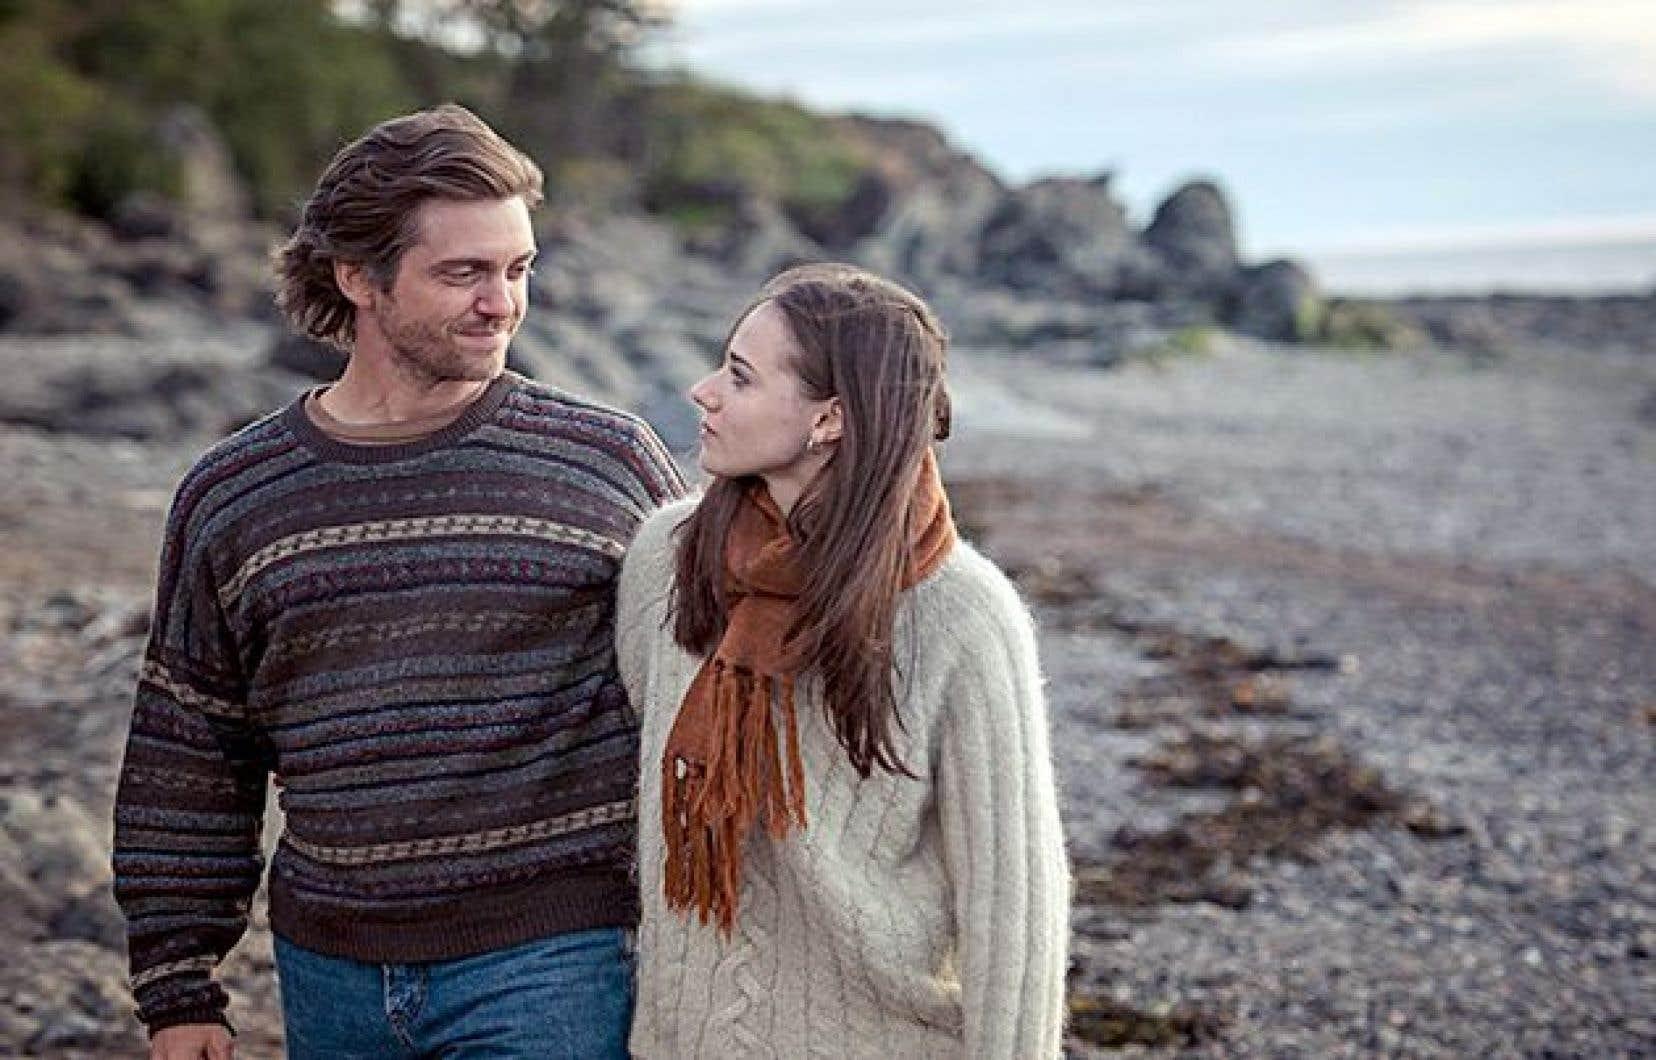 «Les êtres chers» d'Anne Émond, avec Maxim Gaudette et Karelle Tremblay, est l'un des films canadiens présentés au TIFF.